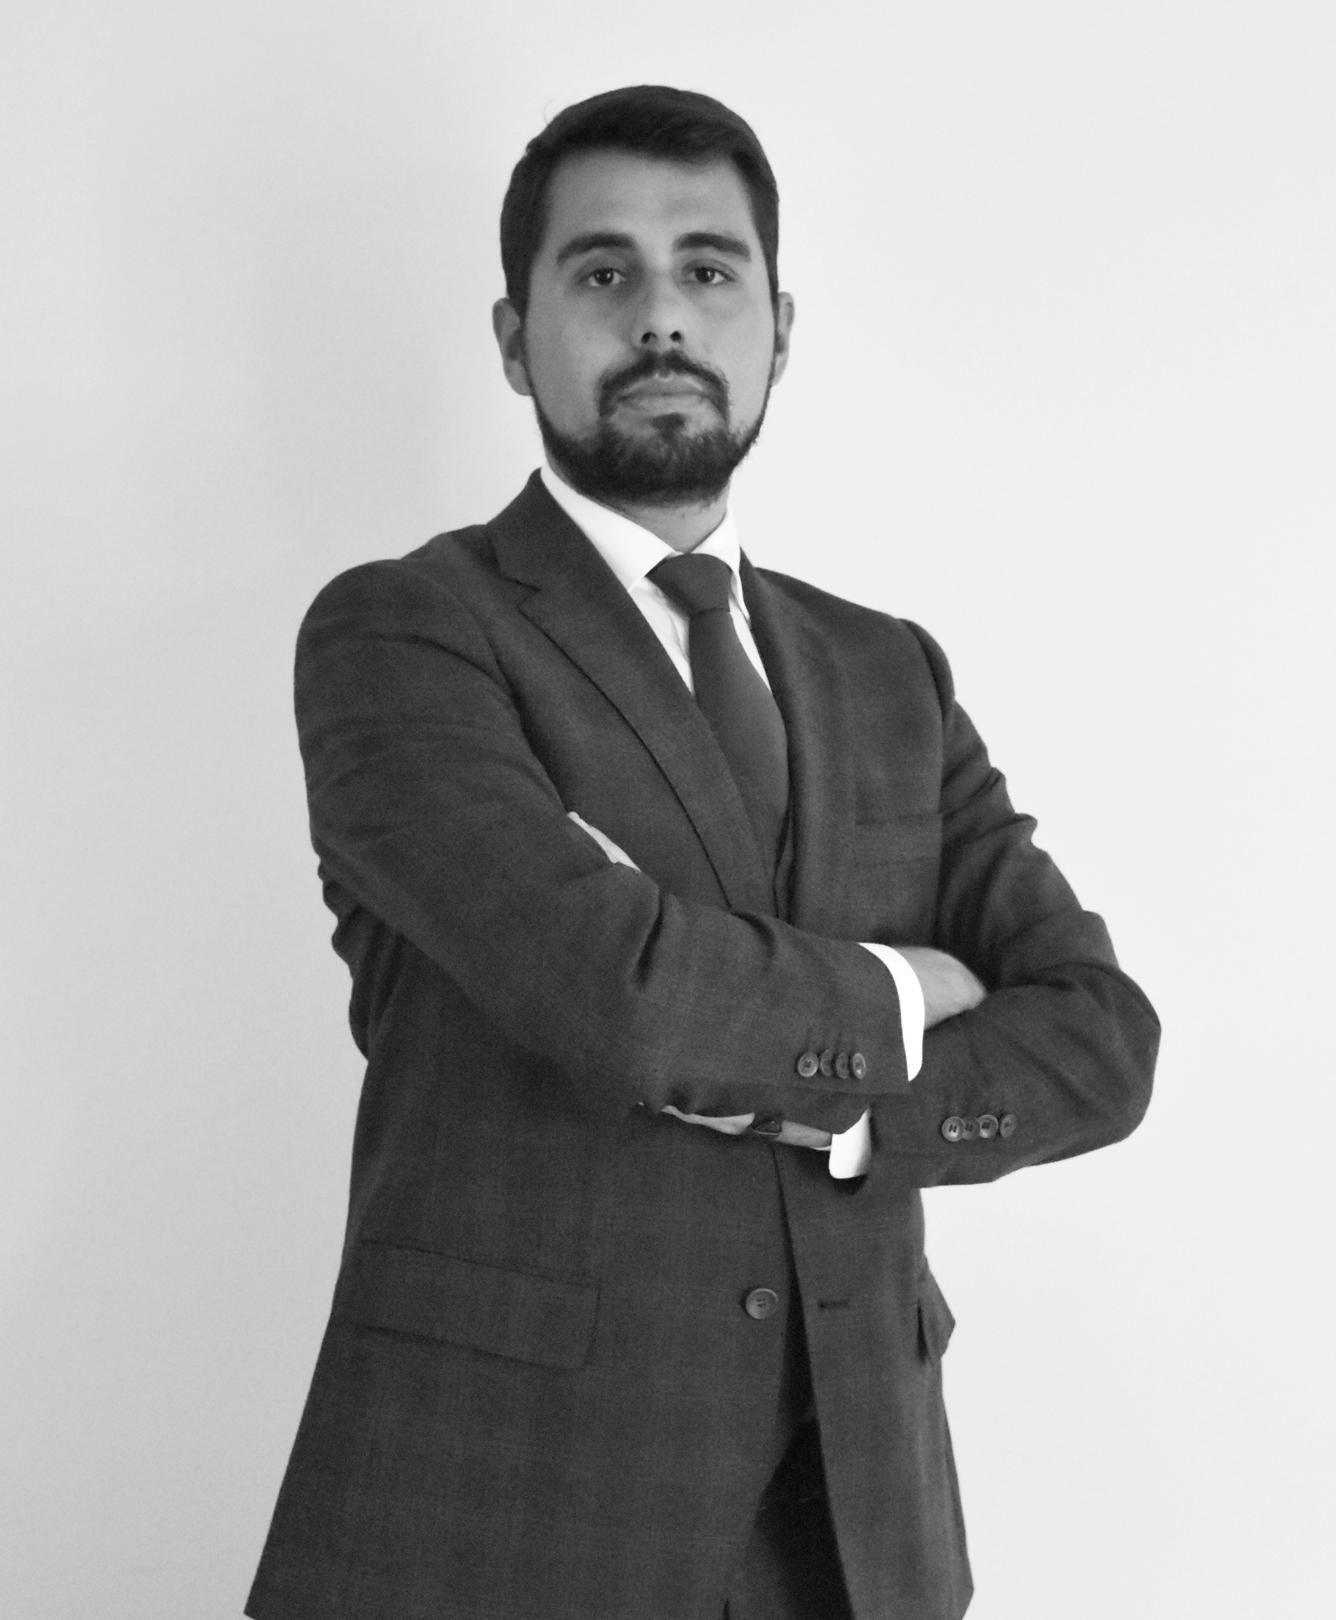 Ricardo Maia Magalhães foto.